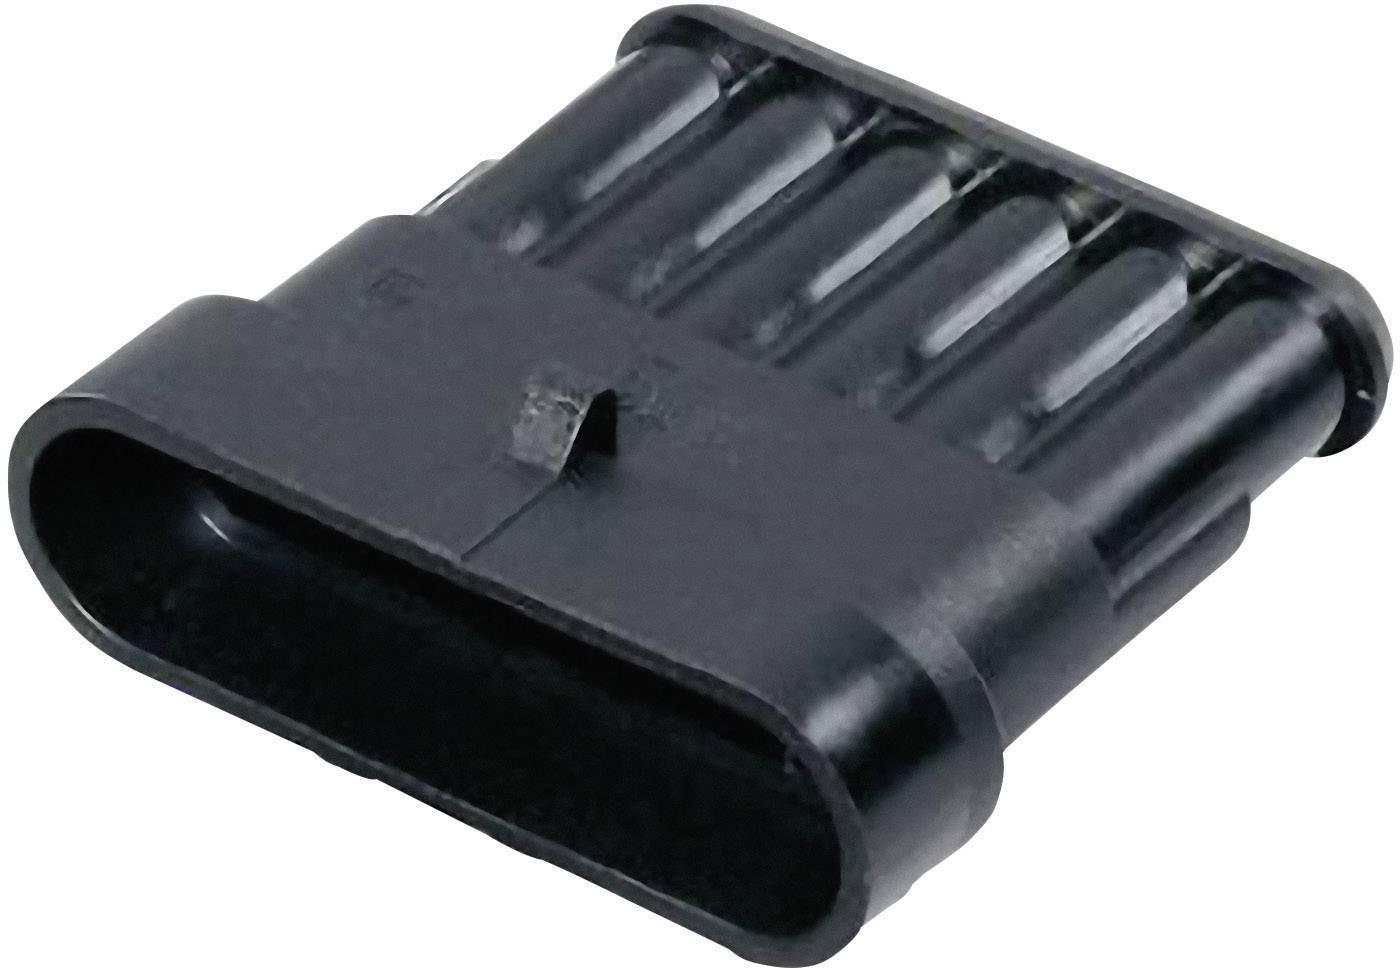 Zástrčkové puzdro na kábel TE Connectivity 282108-1, počet pólov 6, raster 6 mm, 1 ks